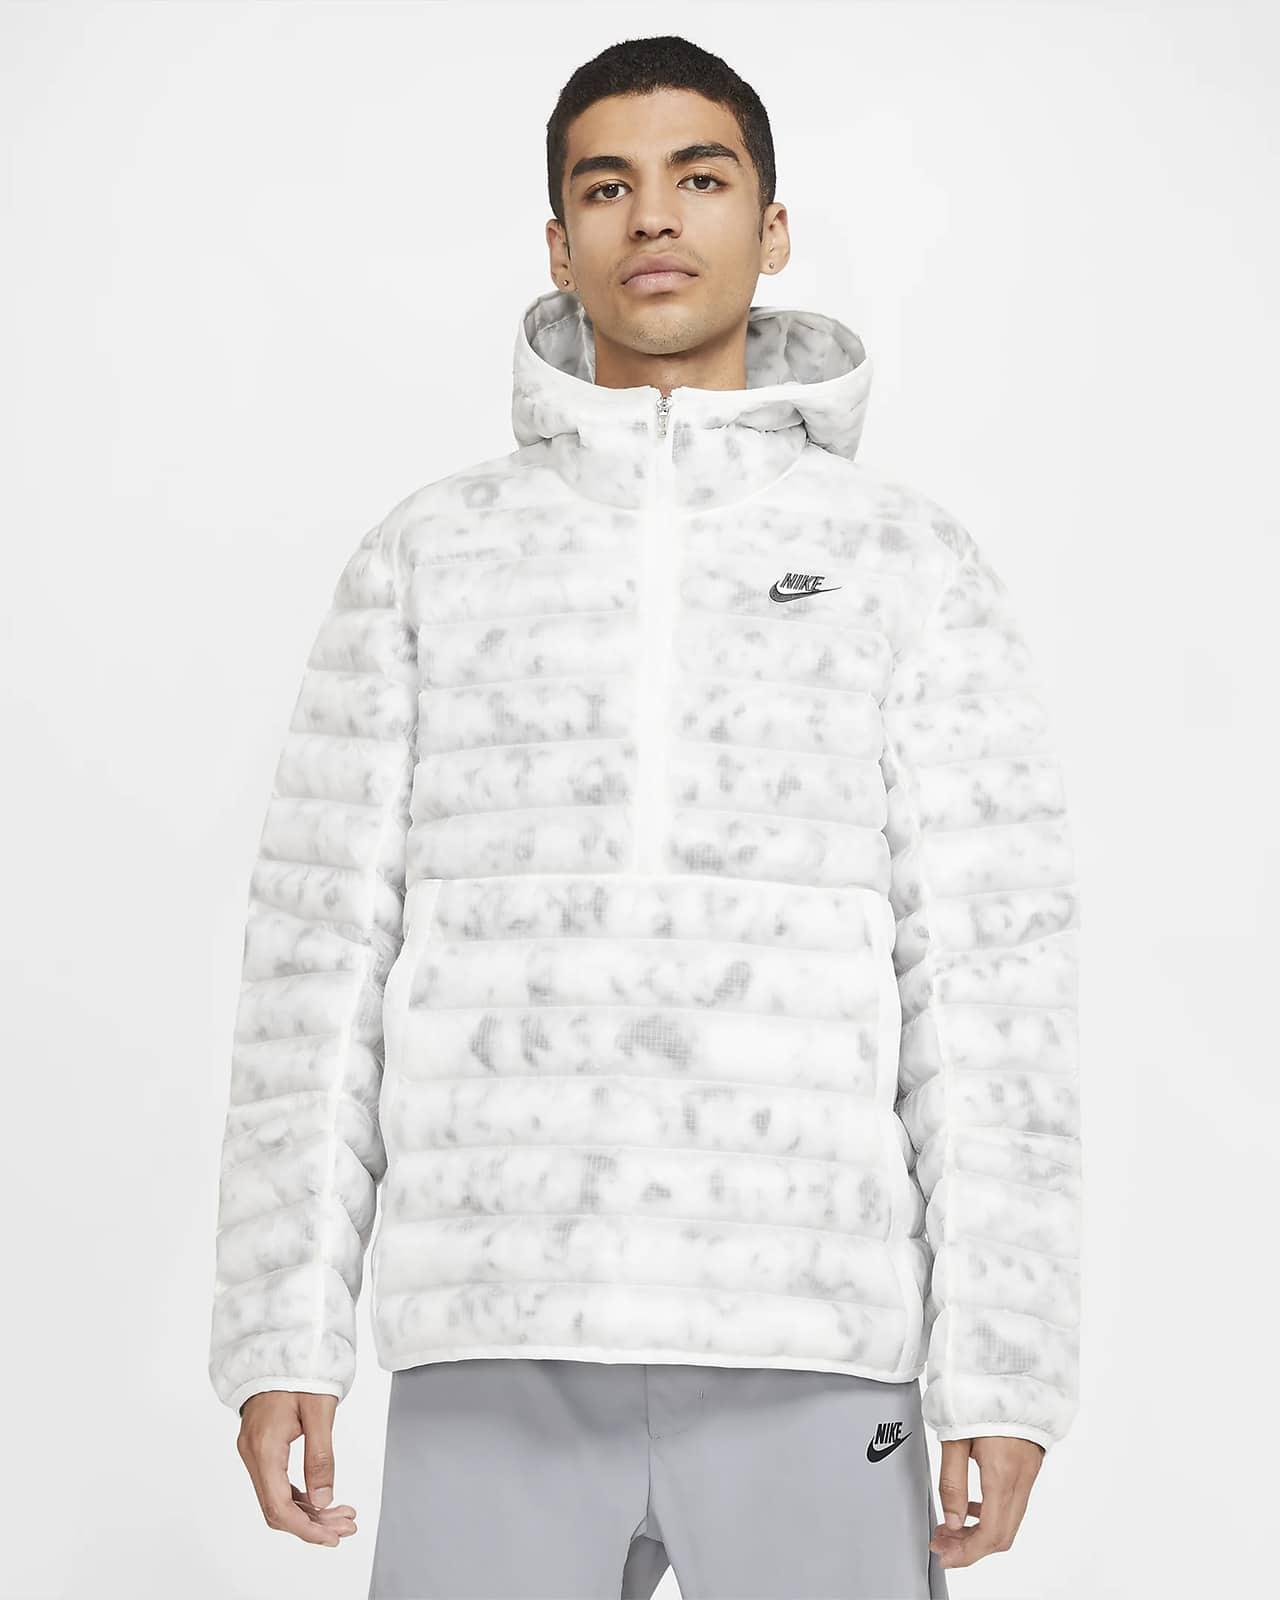 Nike Marble Jacket